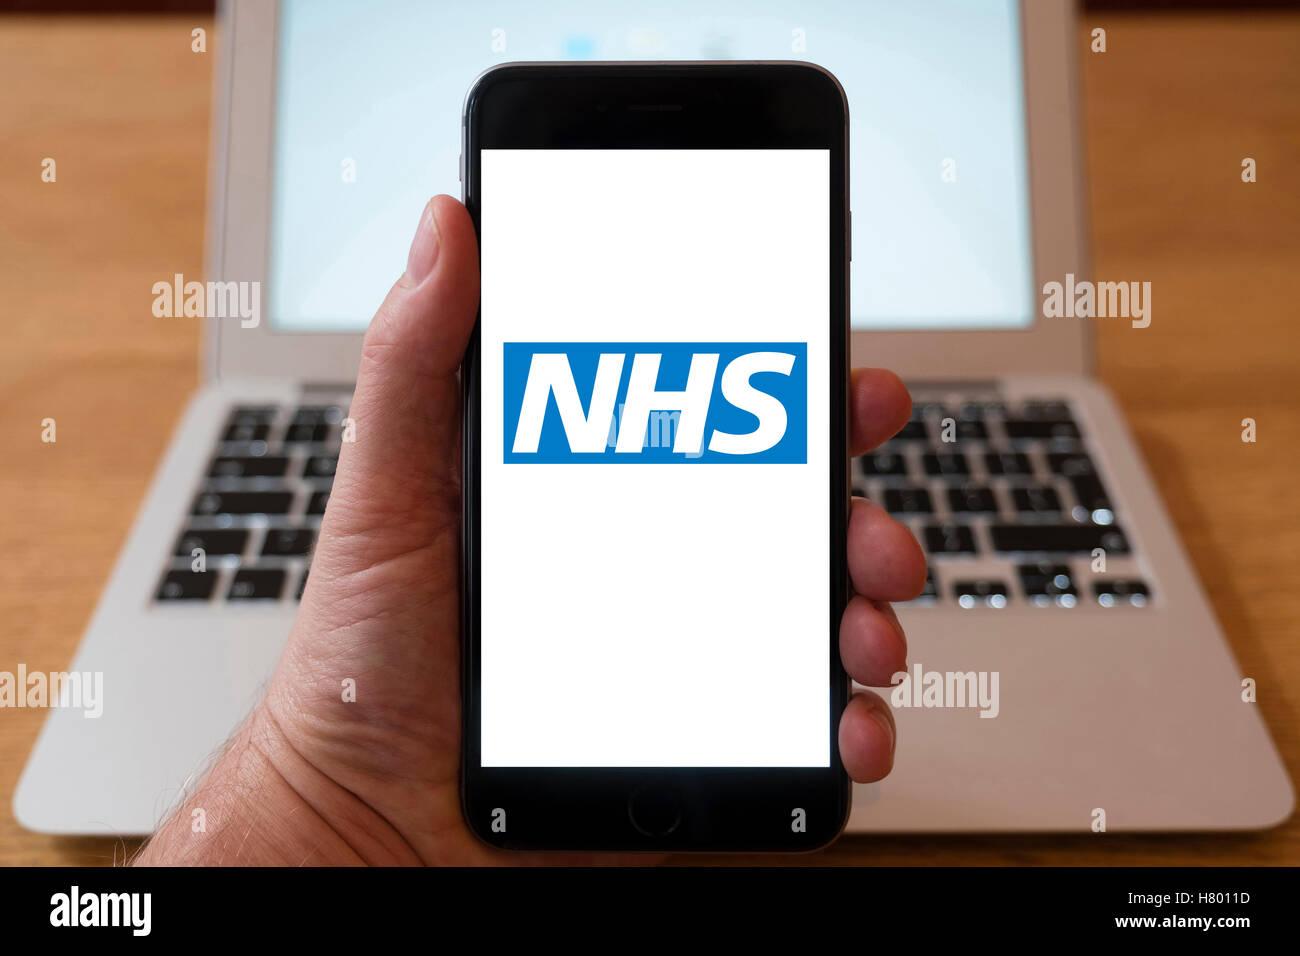 Mit iPhone Smartphone zum Logo des NHS, National Health Service Webseite anzeigen Stockbild